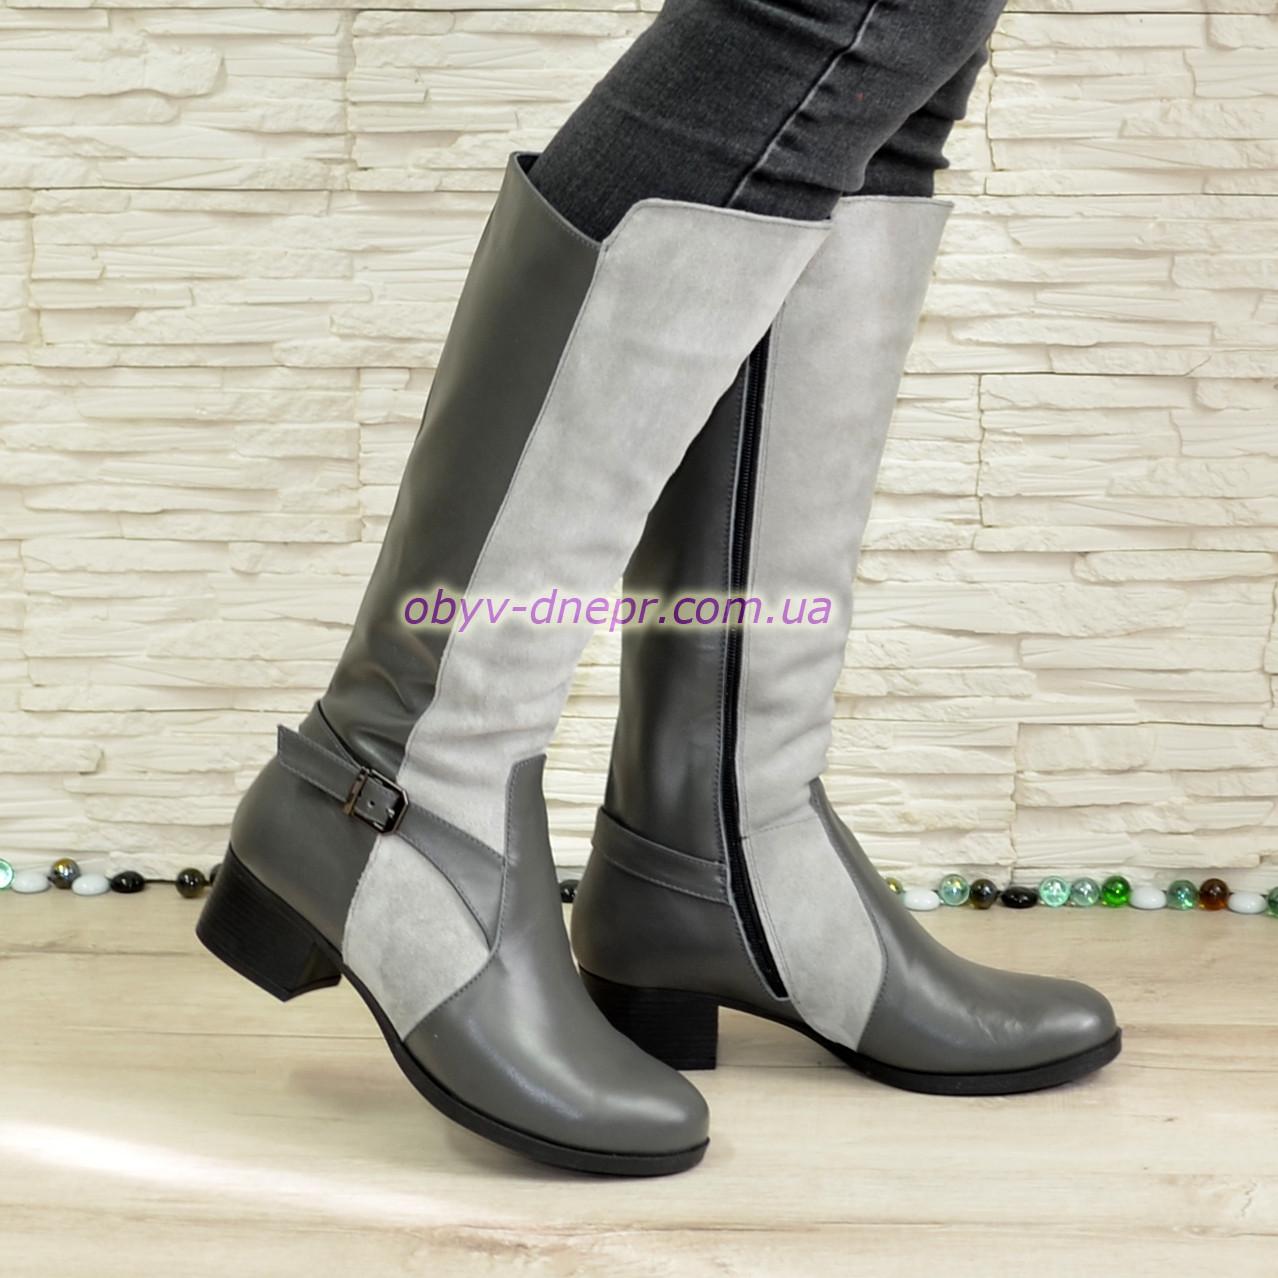 Сапоги комбинированные демисезонные на невысоком каблуке, декорированы ремешком.